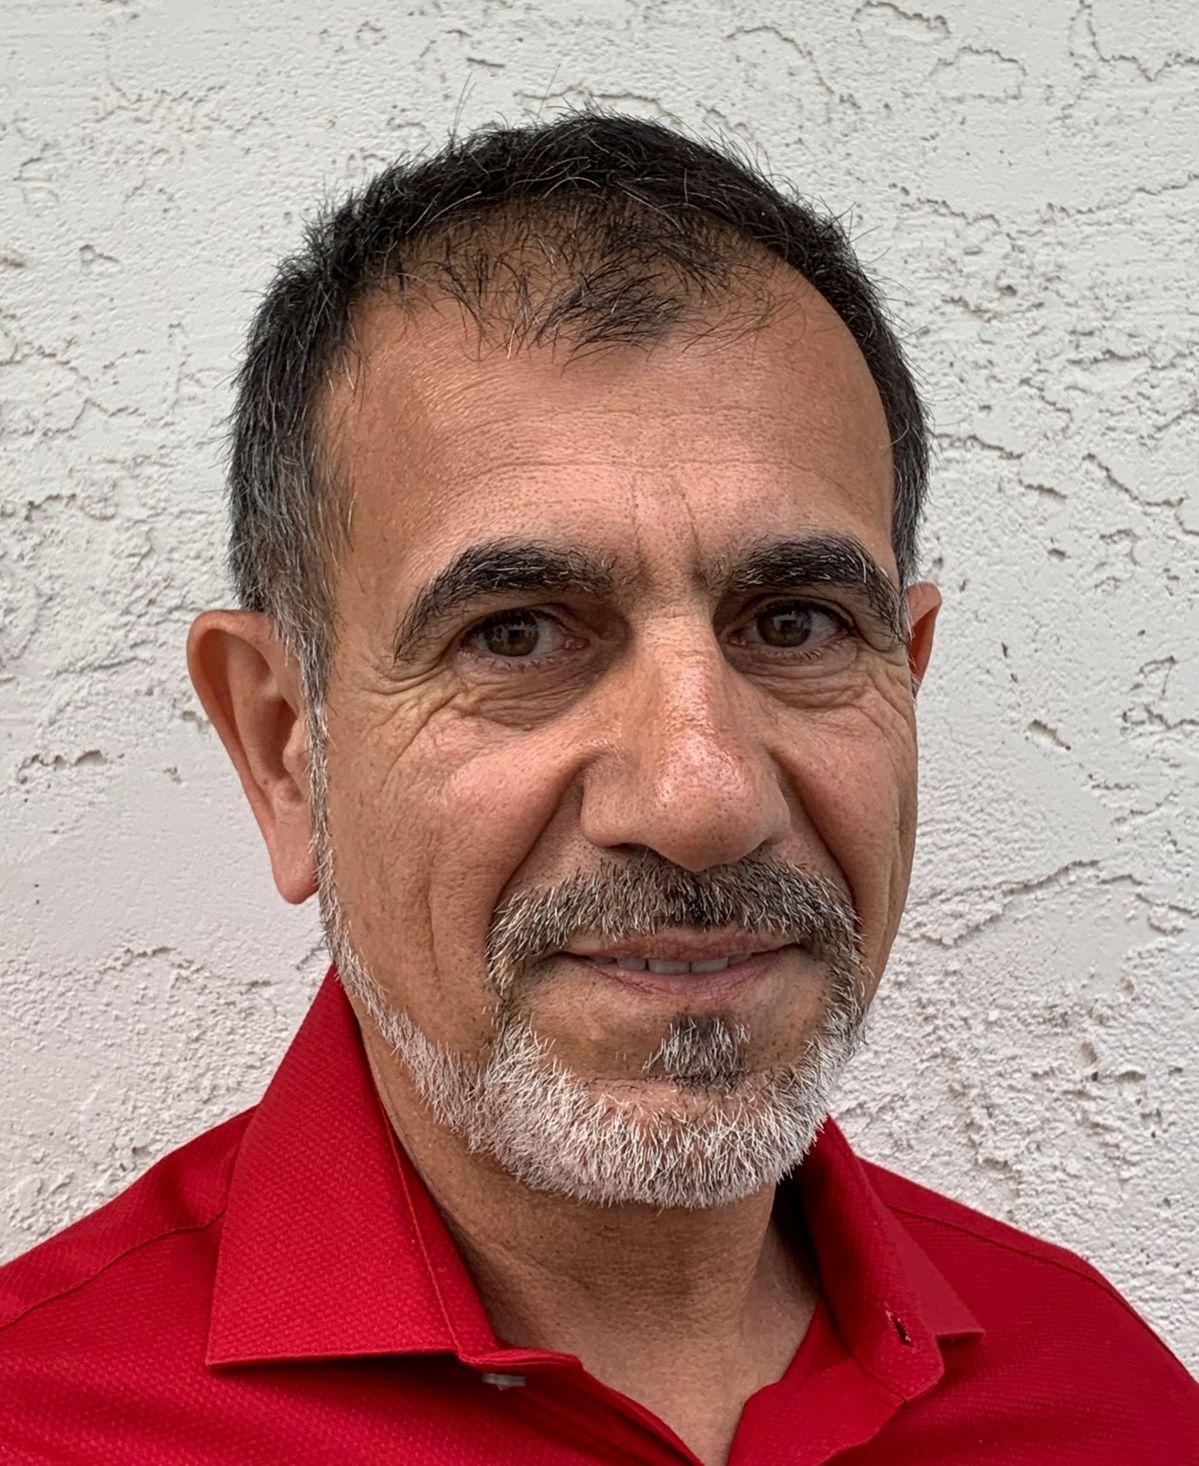 Progentec Adds Hakan Sakul to Board of Directors, Progentec